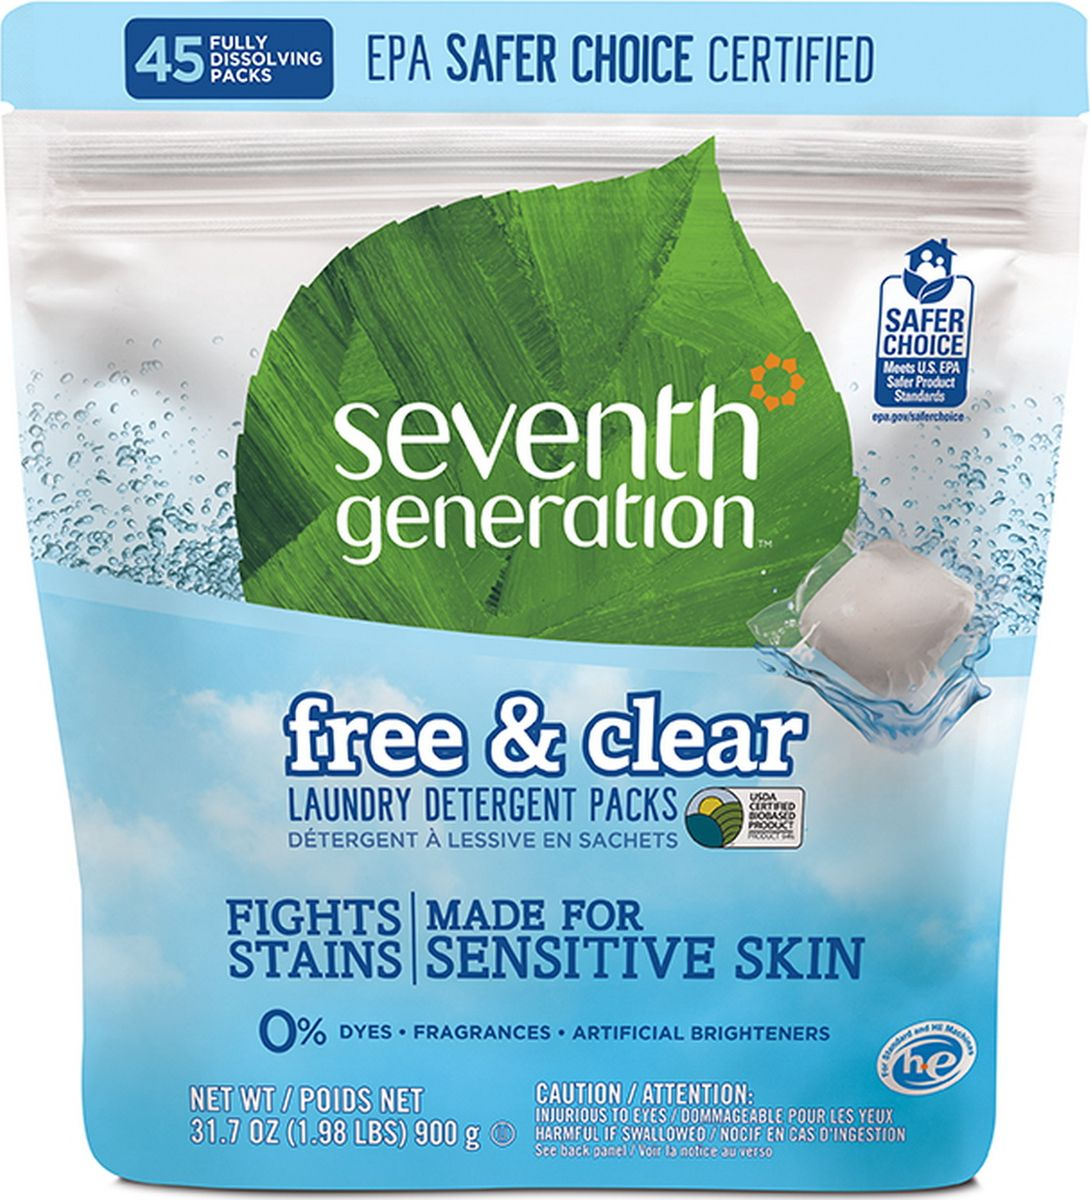 Капсулы для стирки Seventh Generation, без запаха, 45 шт22977Seventh Generation - натуральный стиральный порошок без запаха в капсулах. Обладает формулой с четырех кратными природными био-энзимами, которая борется с грязью и трудно-выводимыми пятнами. Водорастворимые таблетки-капсулы удобны, безопасны и просты в использовании. Нет необходимости измерять количество средства. Просто поместите в машину один пакет-капсулу для одной обычной загрузки или два для сильно загрязненных вещей или большой загрузки. Средство быстро растворяется в холодной и горячей воде. Подходит для деликатных тканей.Особенности:- Гипоаллергенный, подходит для чувствительной кожи,- Не раздражает кожу, нейтральный Ph,- Натуральные био-энзимы удаляют трудновыводимые и повседневные пятна,- Не содержит хлора, абразивов, фосфатов, фталатов, сульфатов, А-ПАВ,- Без оптических, искусственных отбеливателей, растворителей и парабенов,- Без синтетических отдушек и красителей,- Нетоксичная биоразлагаемая формула с ферментами на растительной основе,- Для стандартных и высокоэффективных стиральных машин,- Отлично работает во всех температурных режимах,- На 94% сделан из сертифицированных USDA биоматериалов (материалов растительного происхождения, сертифицированных Министерством сельского хозяйства США),- Рекомендуется для людей склонных к аллергическим реакциям и страдающих астмой.Состав: цитрат натрия (средство растительного происхождения для умягчения воды), карбонат натрия (моющее средство на минеральной основе), лаурет-6 (чистящее средство растительного происхождения), гидратированный диоксид кремния (средство помощи потока на минеральной основе), Cocos nucifera (кокос) масло (пеногаситель растительного происхождения), протеазы (ферменты (энзимы) растительного происхождения для удаления пятен), амилазы (ферменты (энзимы) растительного происхождения для удаления пятен), маннаназы (ферменты (энзимы) растительного происхождения), целлюлазы (ферменты (энзимы) растительного происхождения для удаления смеси по